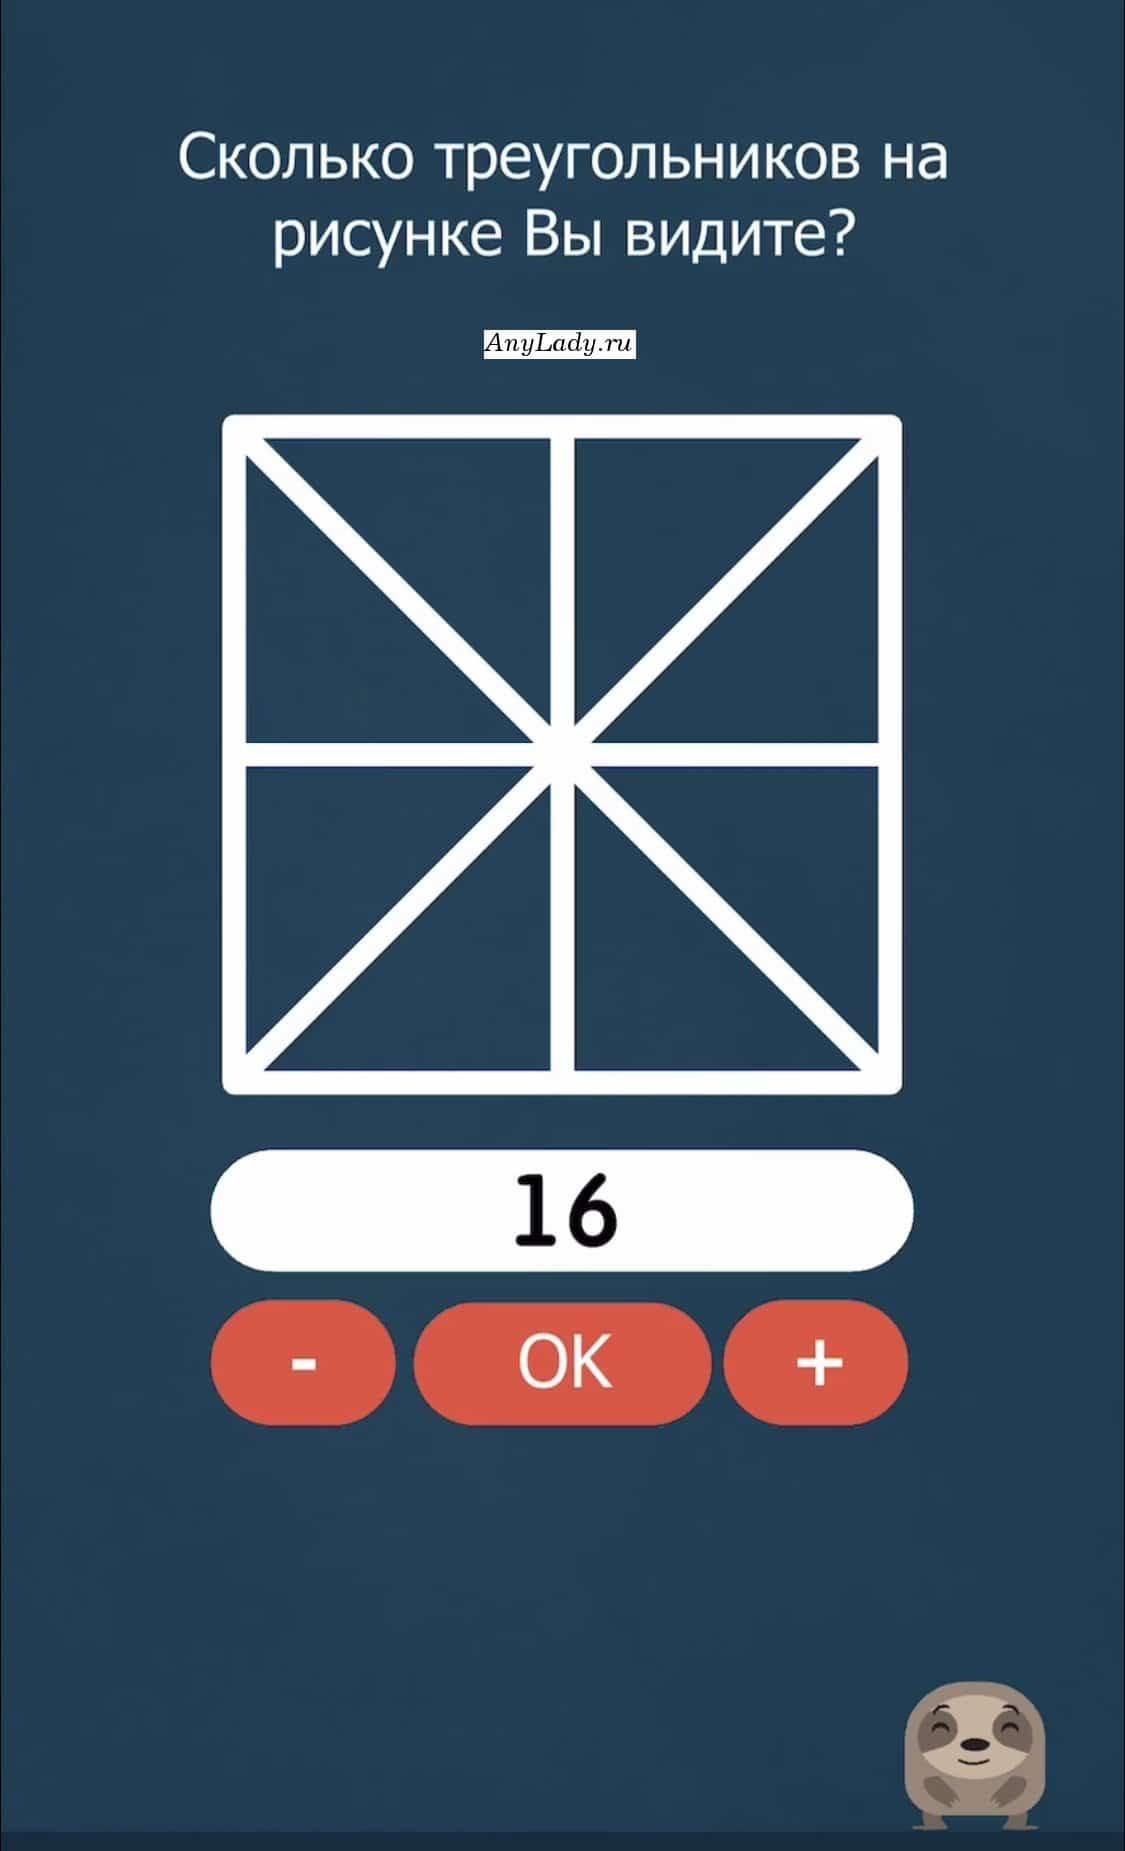 Выходит шестнадцать треугольников в заданном квадрате.